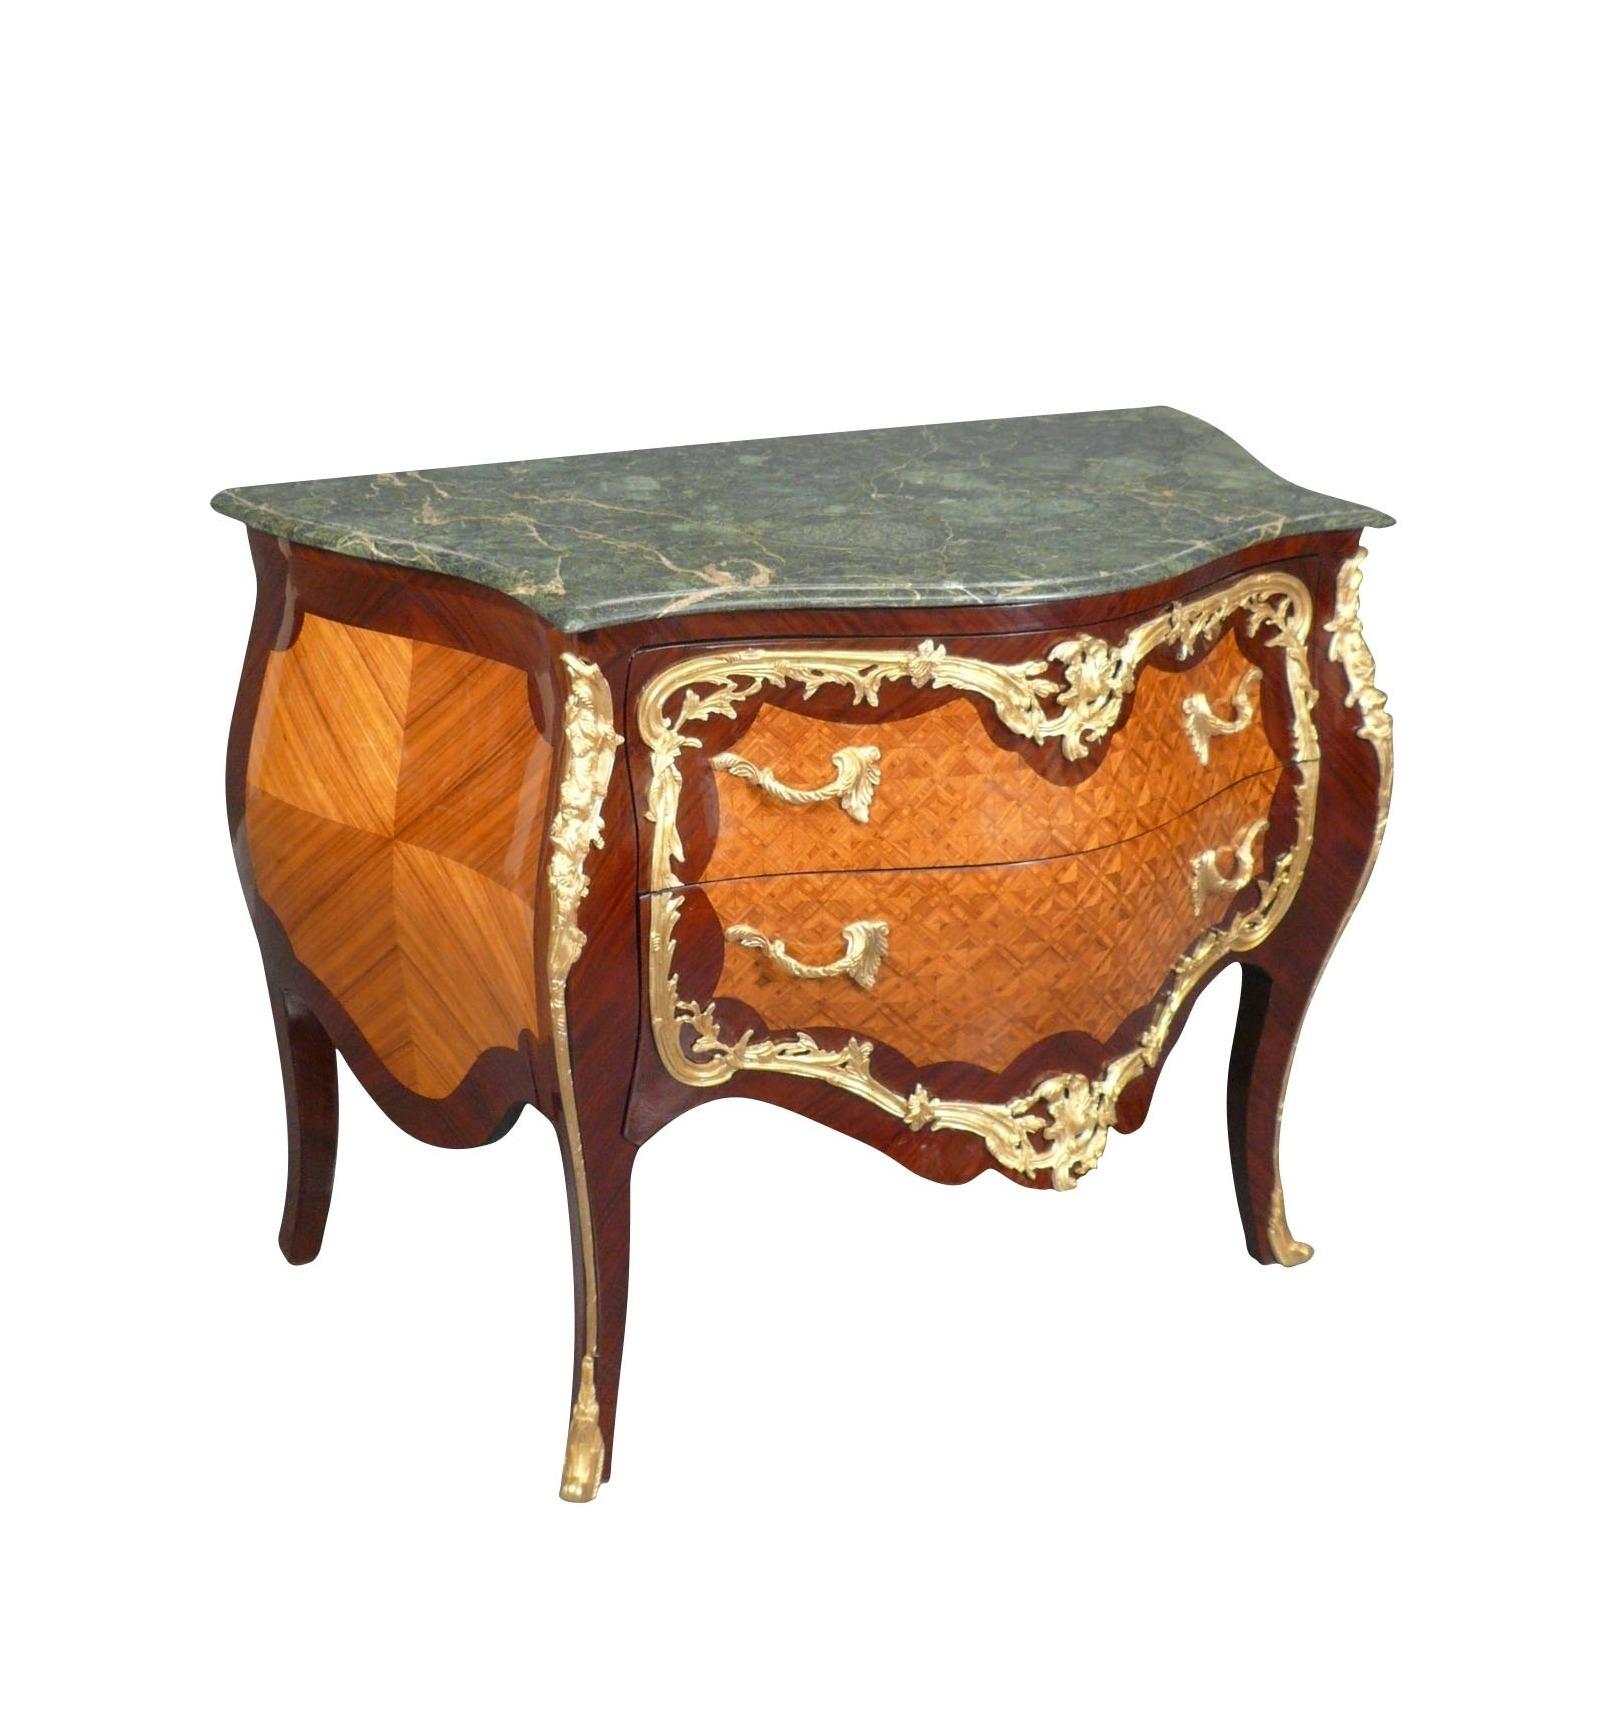 Commode louis xv copie de meuble de style ancien for Copie meuble ancien